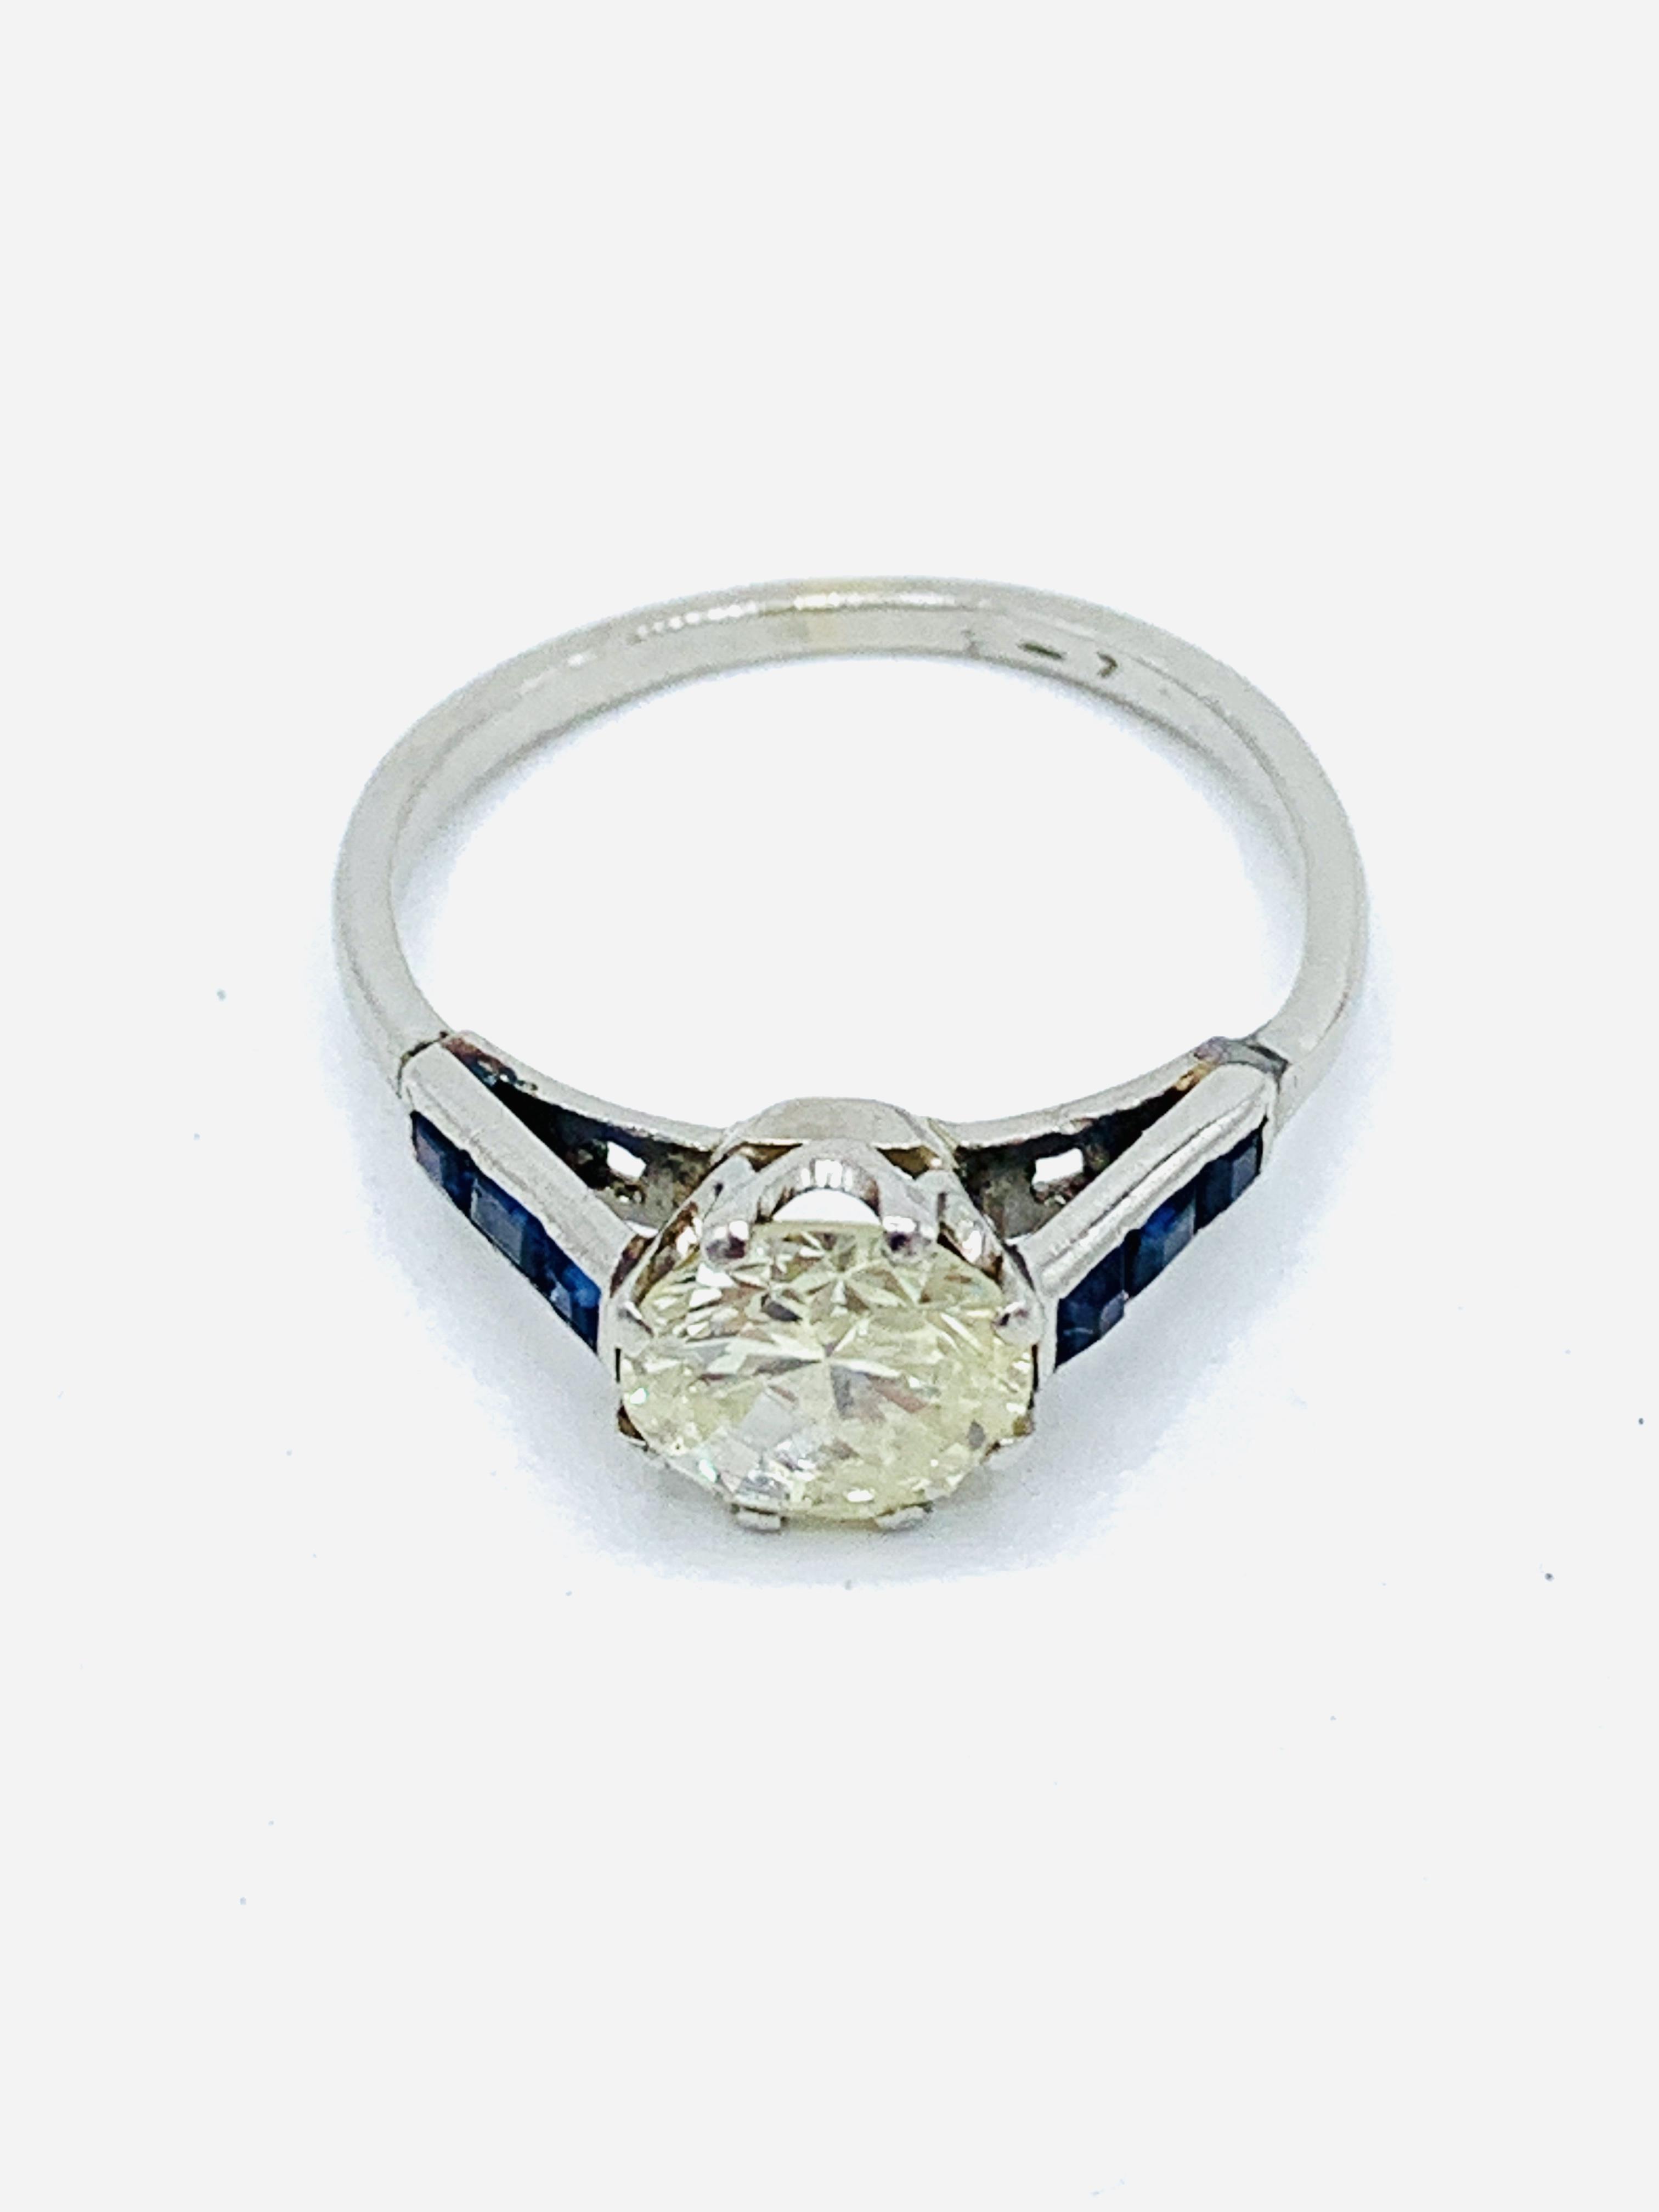 Platinum solitaire diamond ring - Image 5 of 5